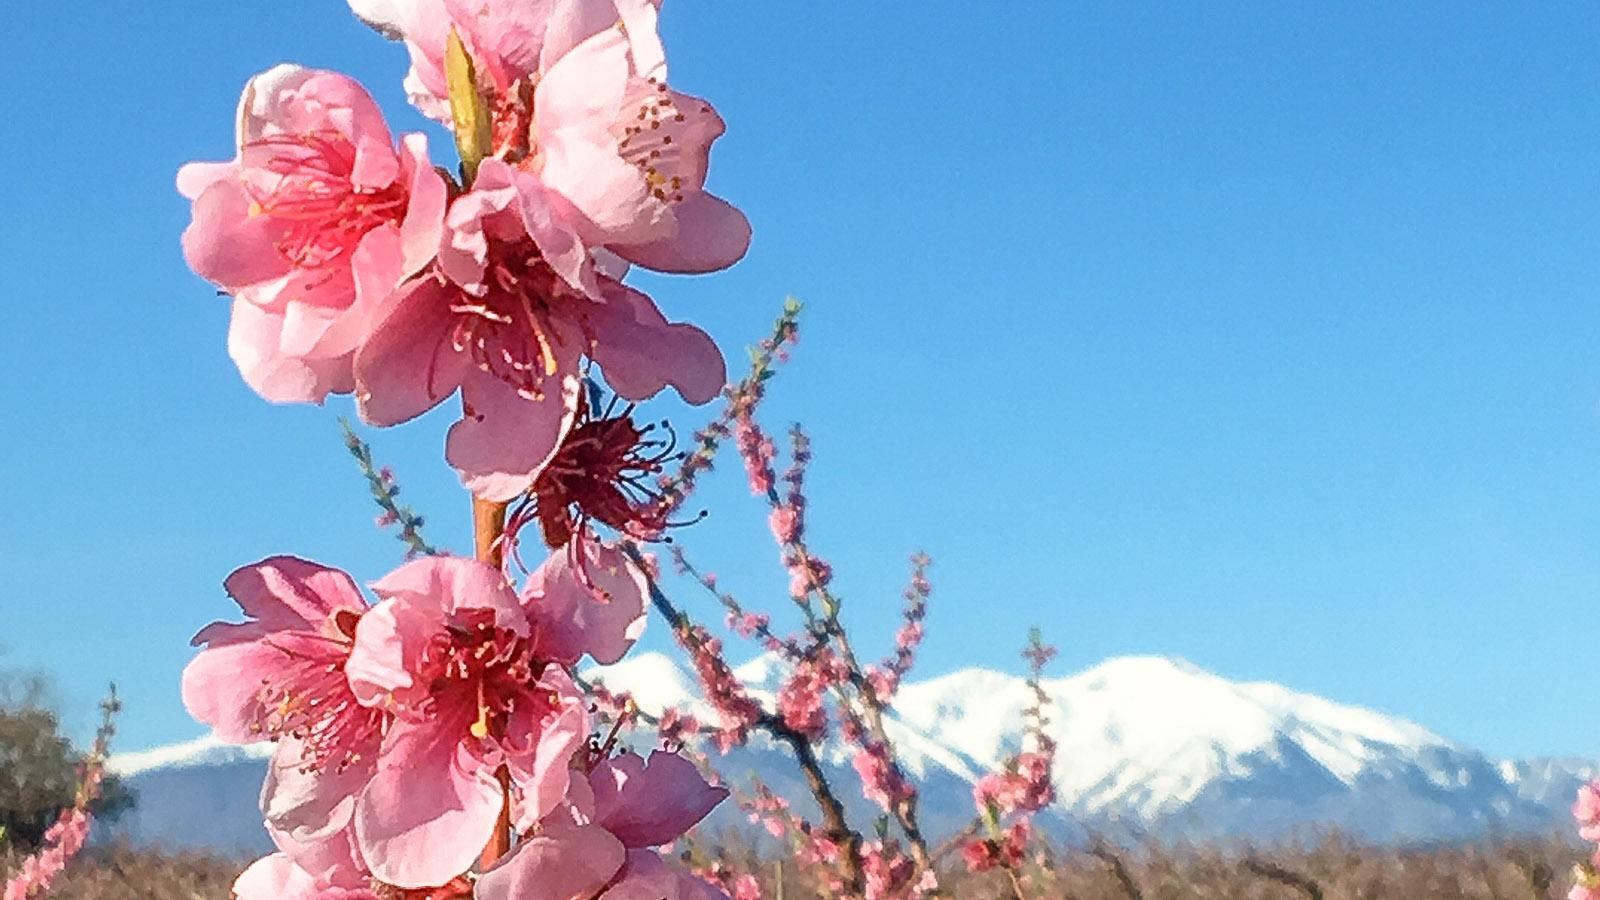 Les Aspres: Im Frühjahr blühen die Obstbäume. Foto: Hilke Maunder